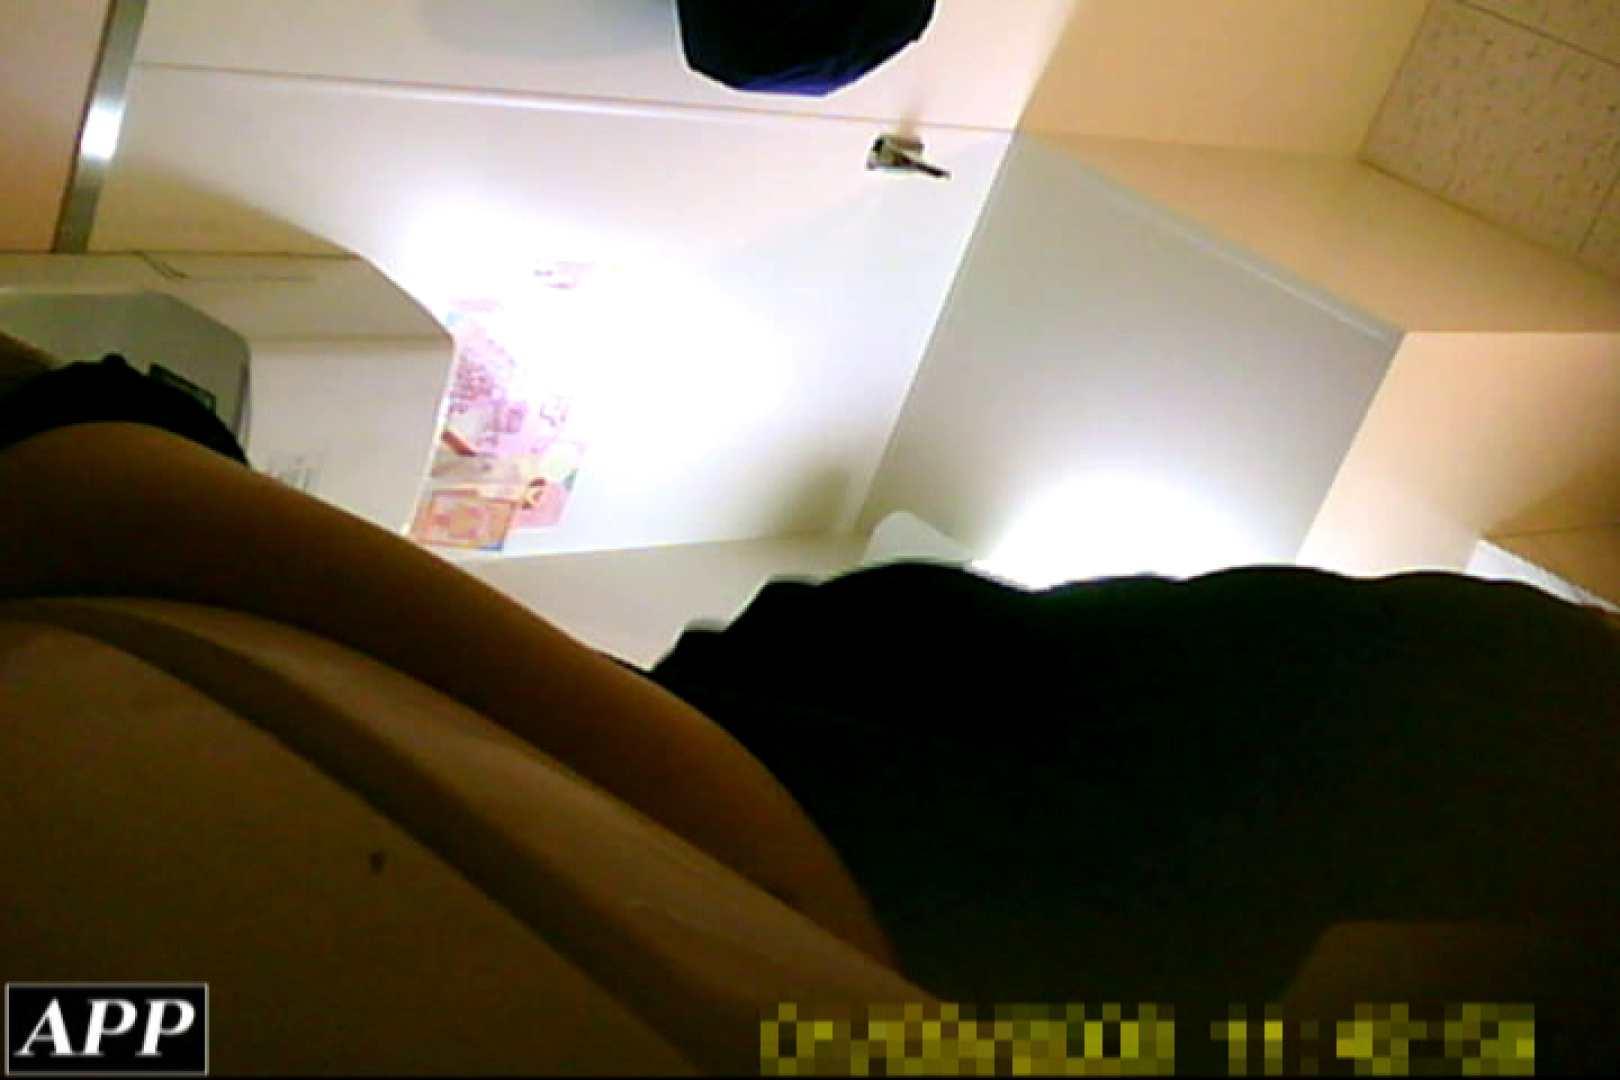 3視点洗面所 vol.05 オマンコ エロ無料画像 74PIX 64